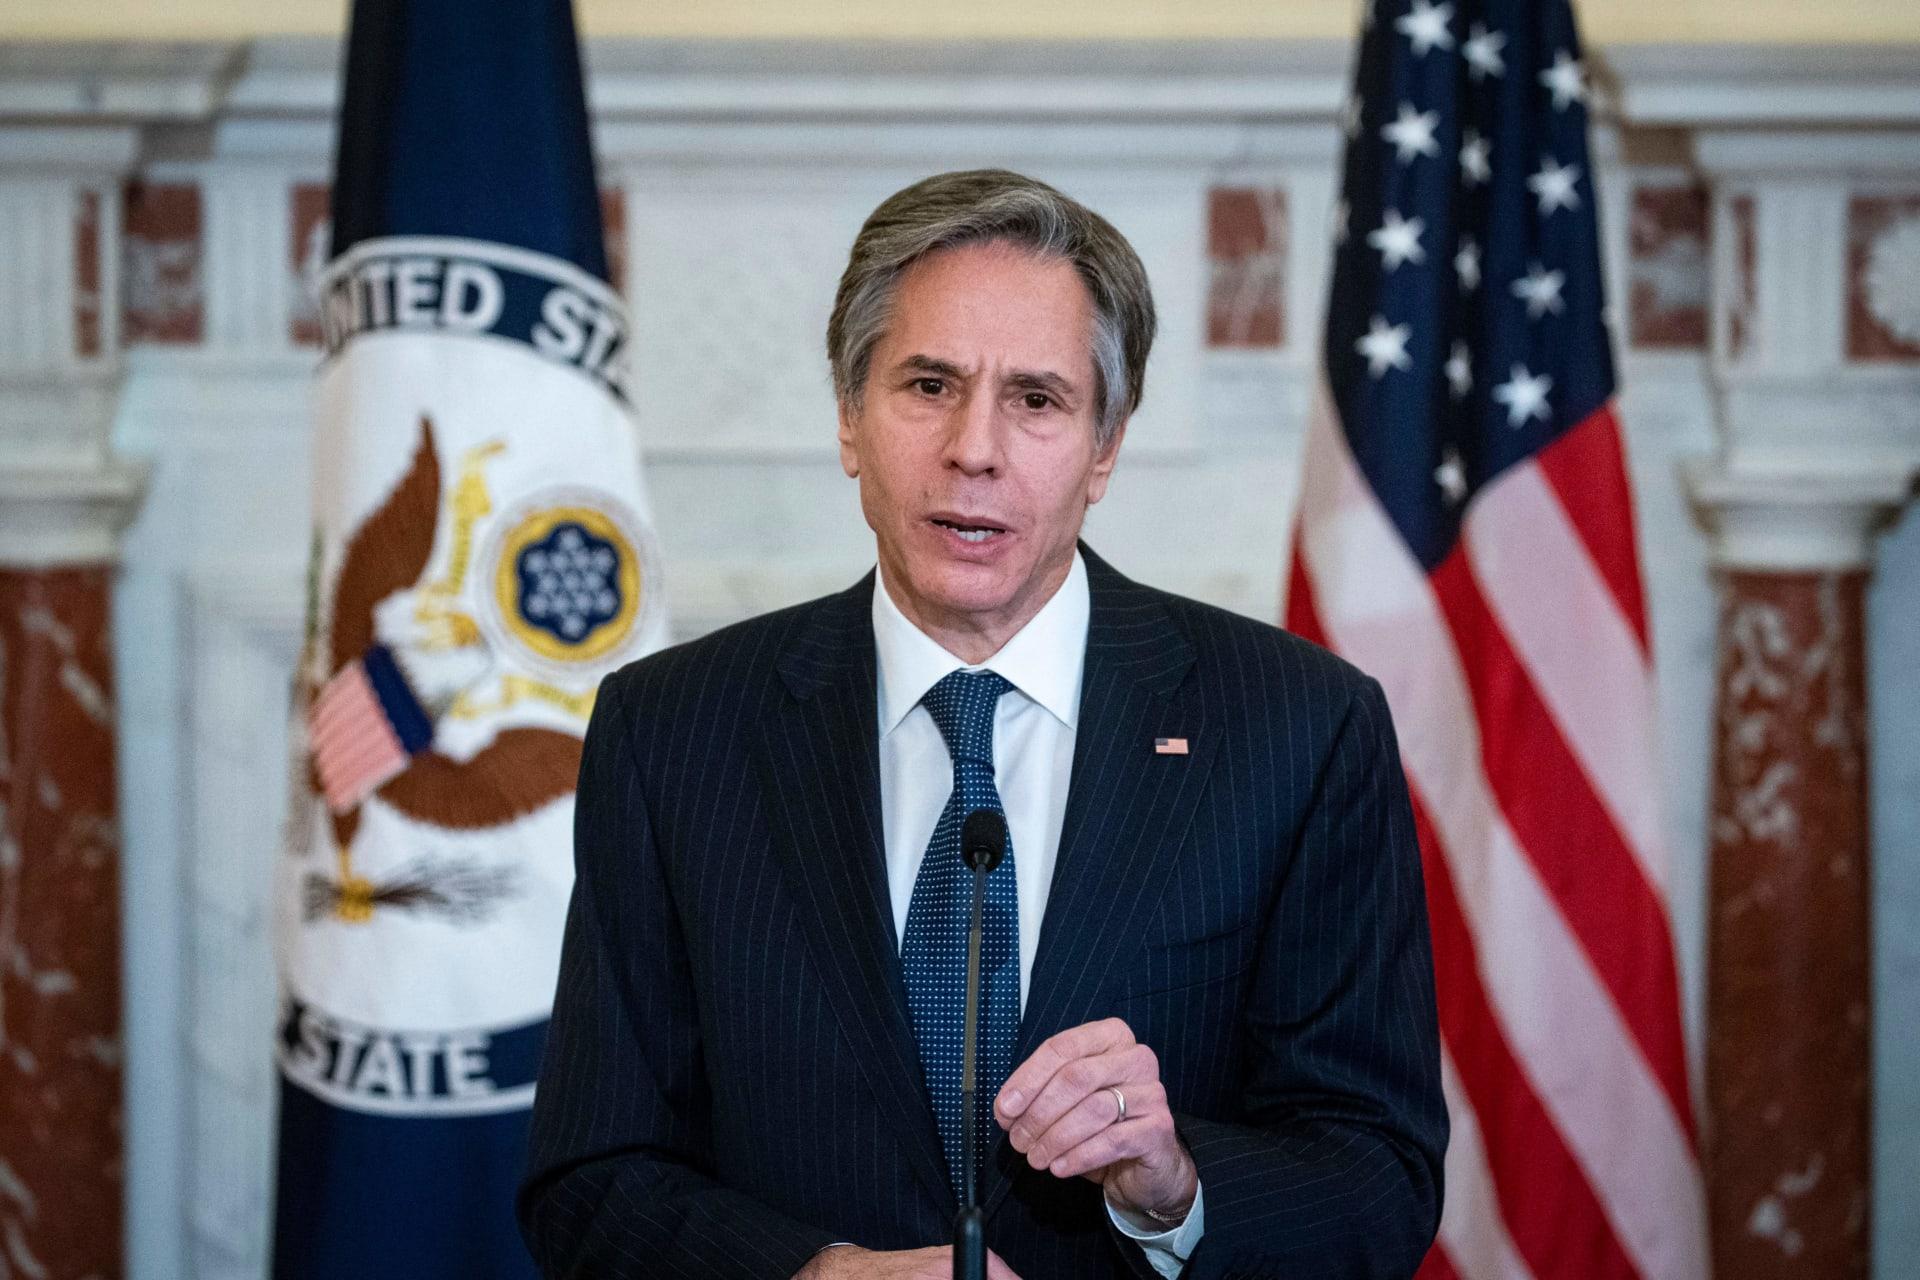 الولايات المتحدة تعلن عزمها استئناف المساعدات إلى الفلسطينيين ووكالة الأونروا